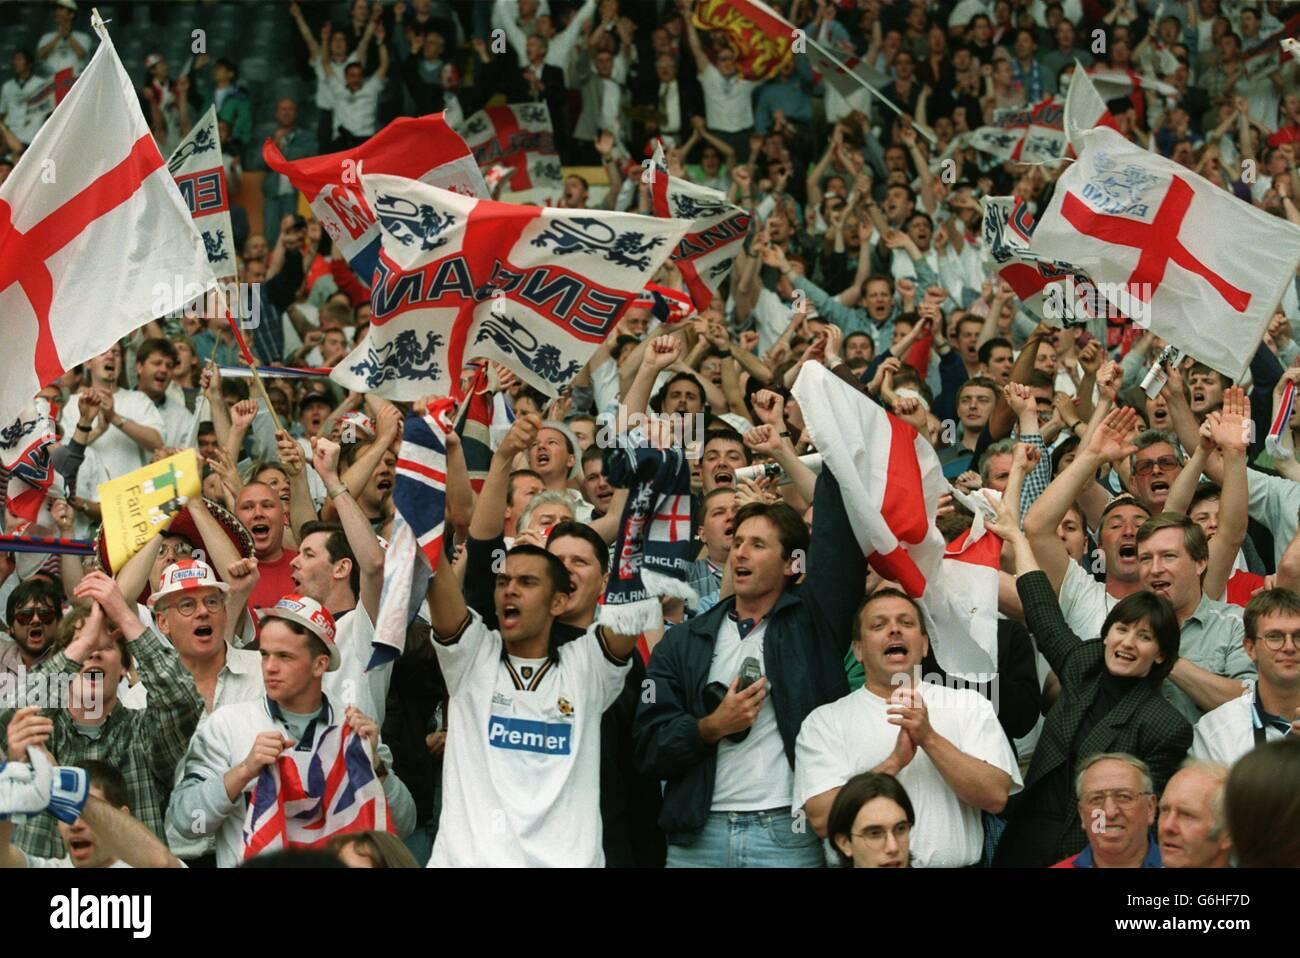 SOCCER - Euro 96 -England v Spain, Wembley Stock Photo